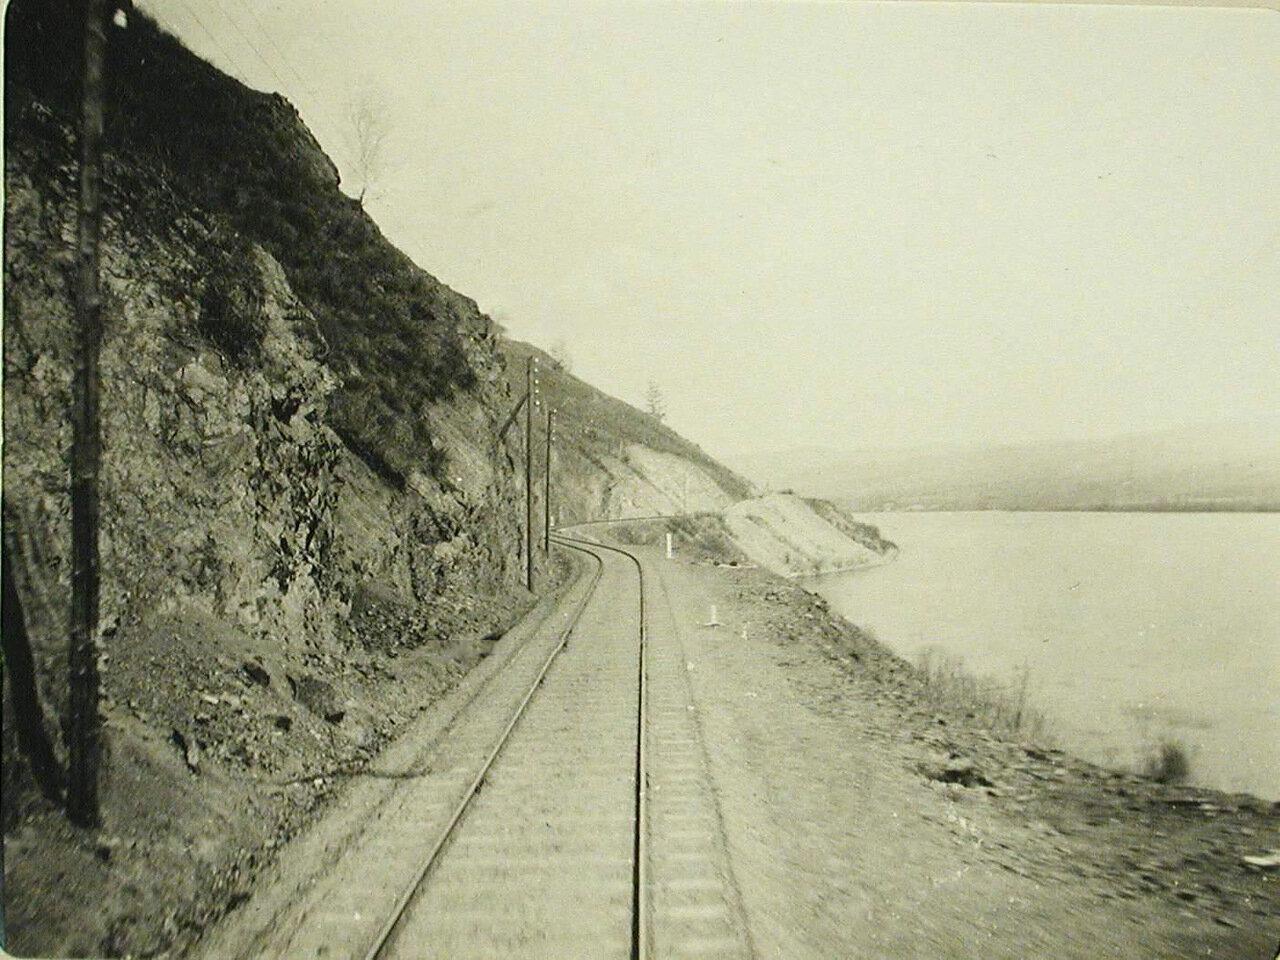 40. Вид железнодорожного полотна у реки Хилка